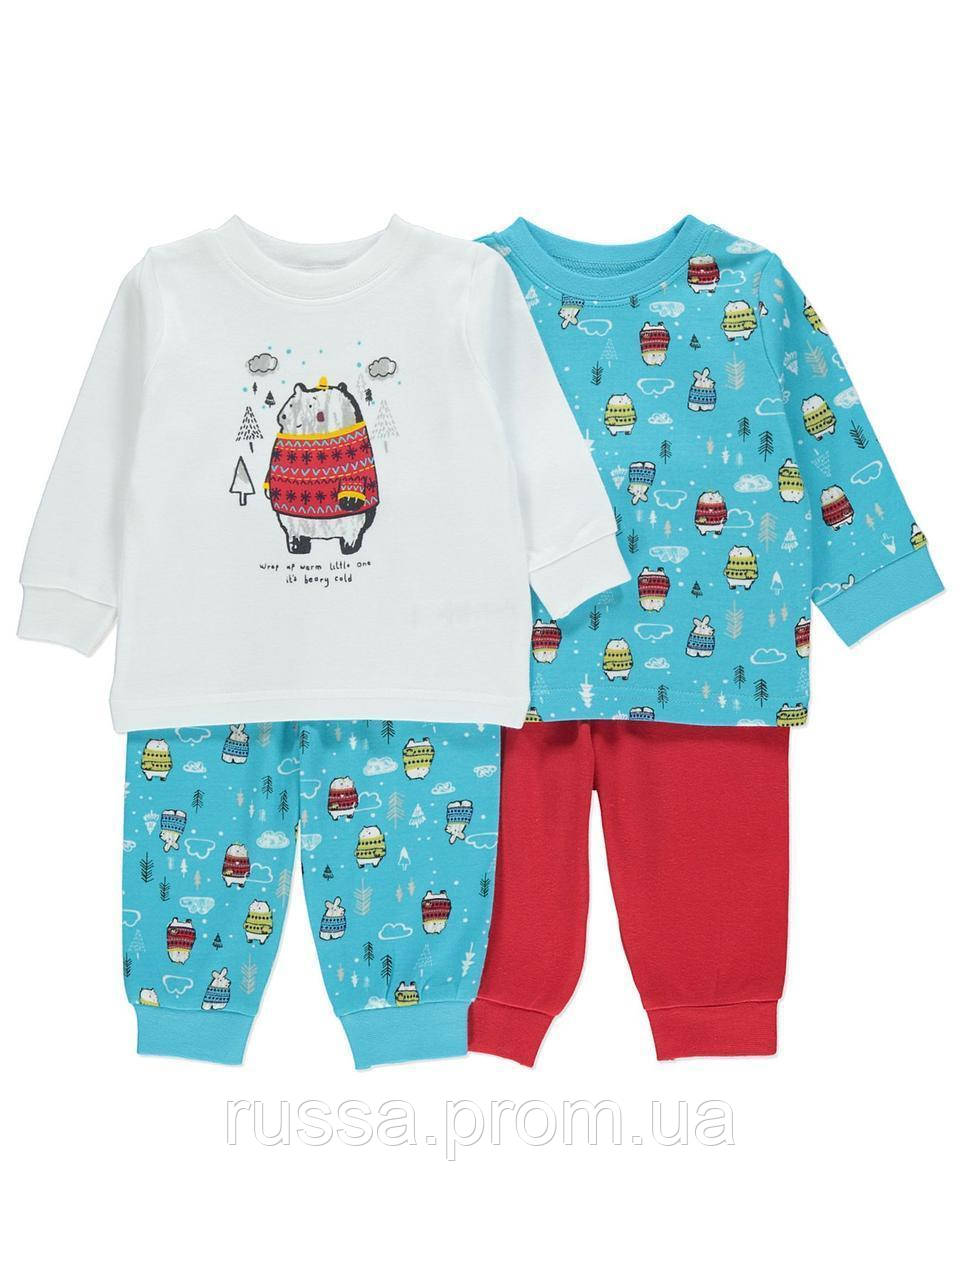 Трикотажная качественная пижама Джордж для мальчика (поштучно)